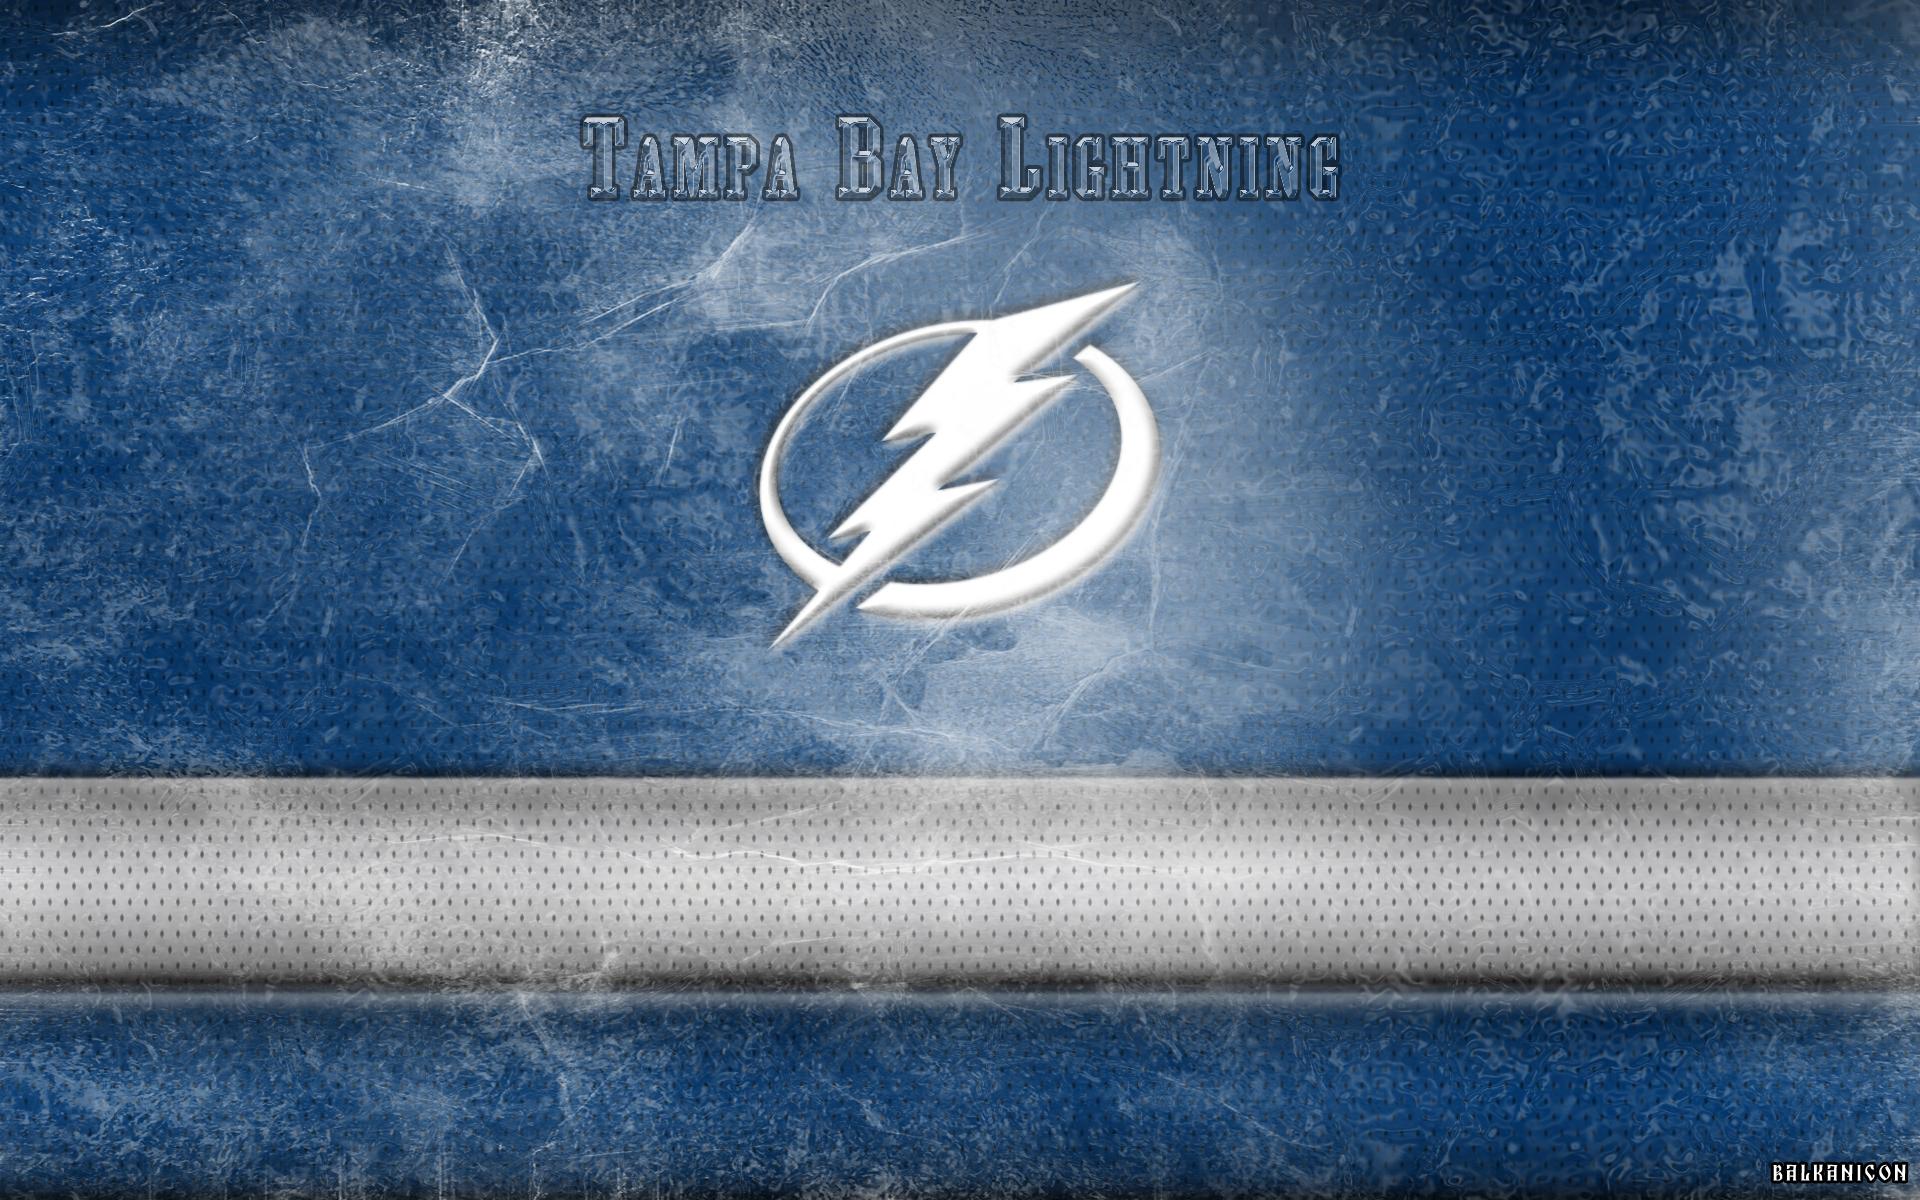 Tampa Bay Lightning Wallpaper By Balkanicon On Deviantart